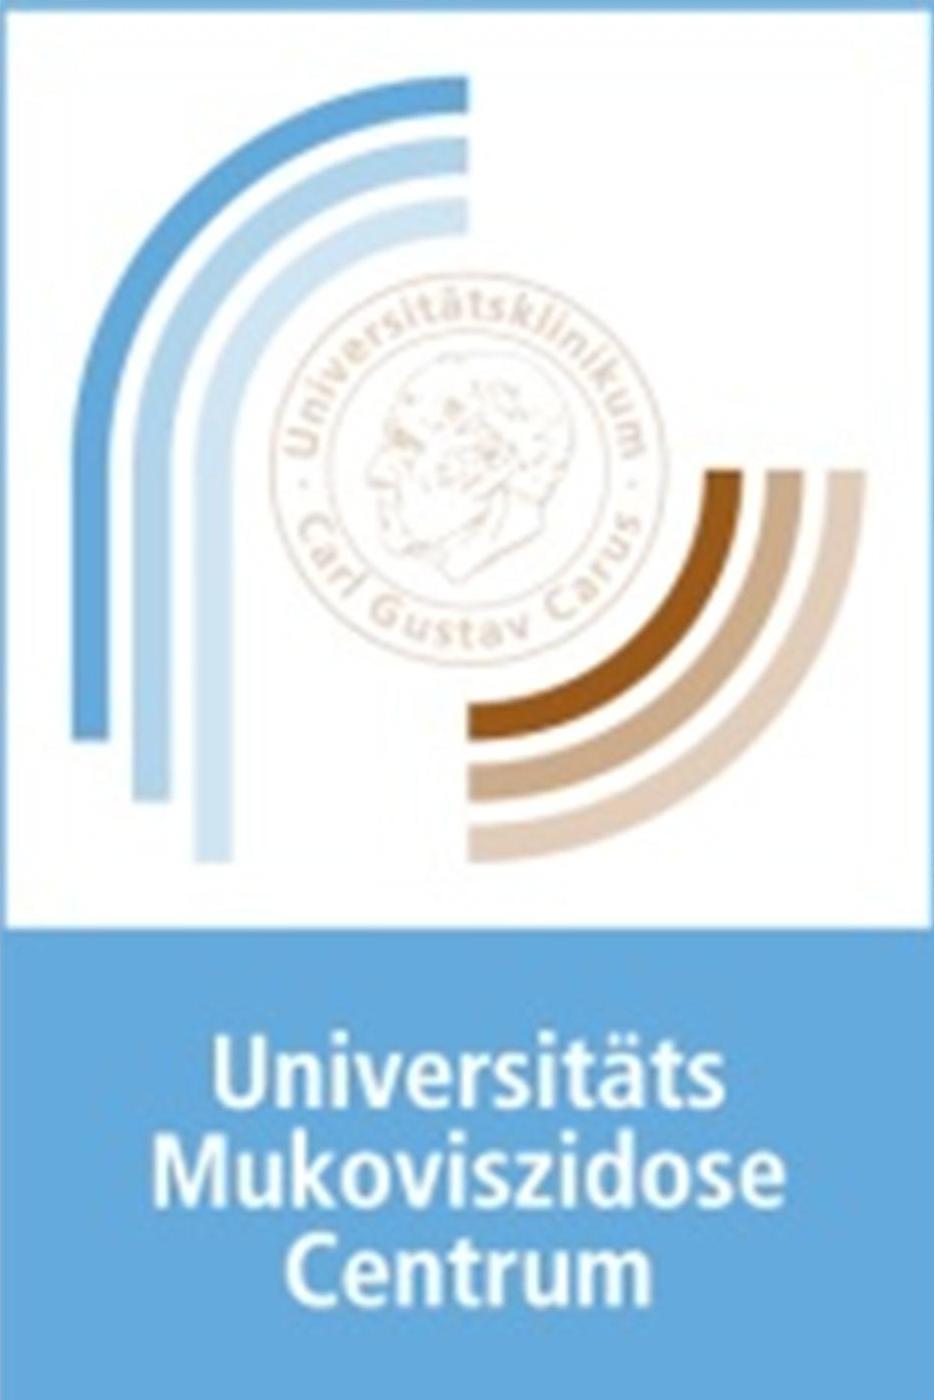 UMC (Universitäts Mukoviszidose Centrum)